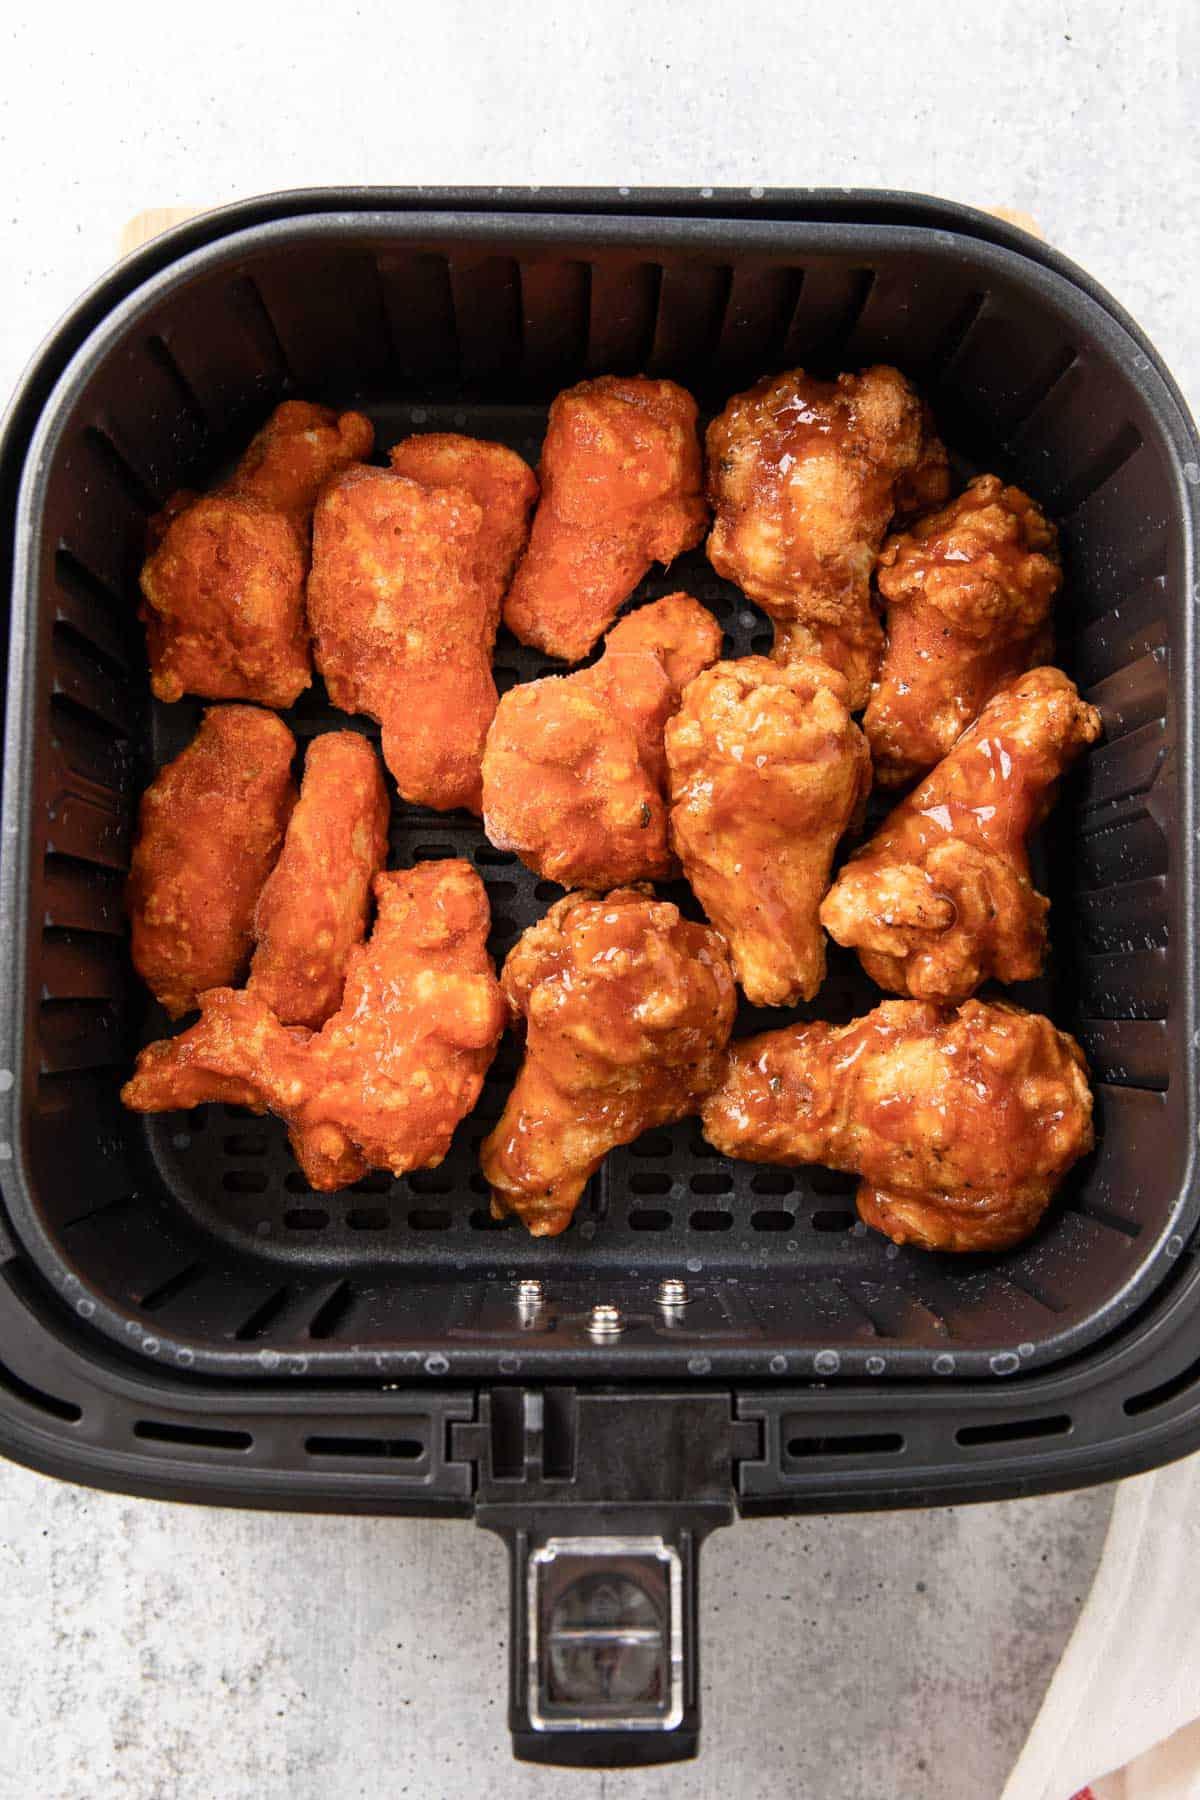 frozen preseasoned chicken wings in an air fryer baskt